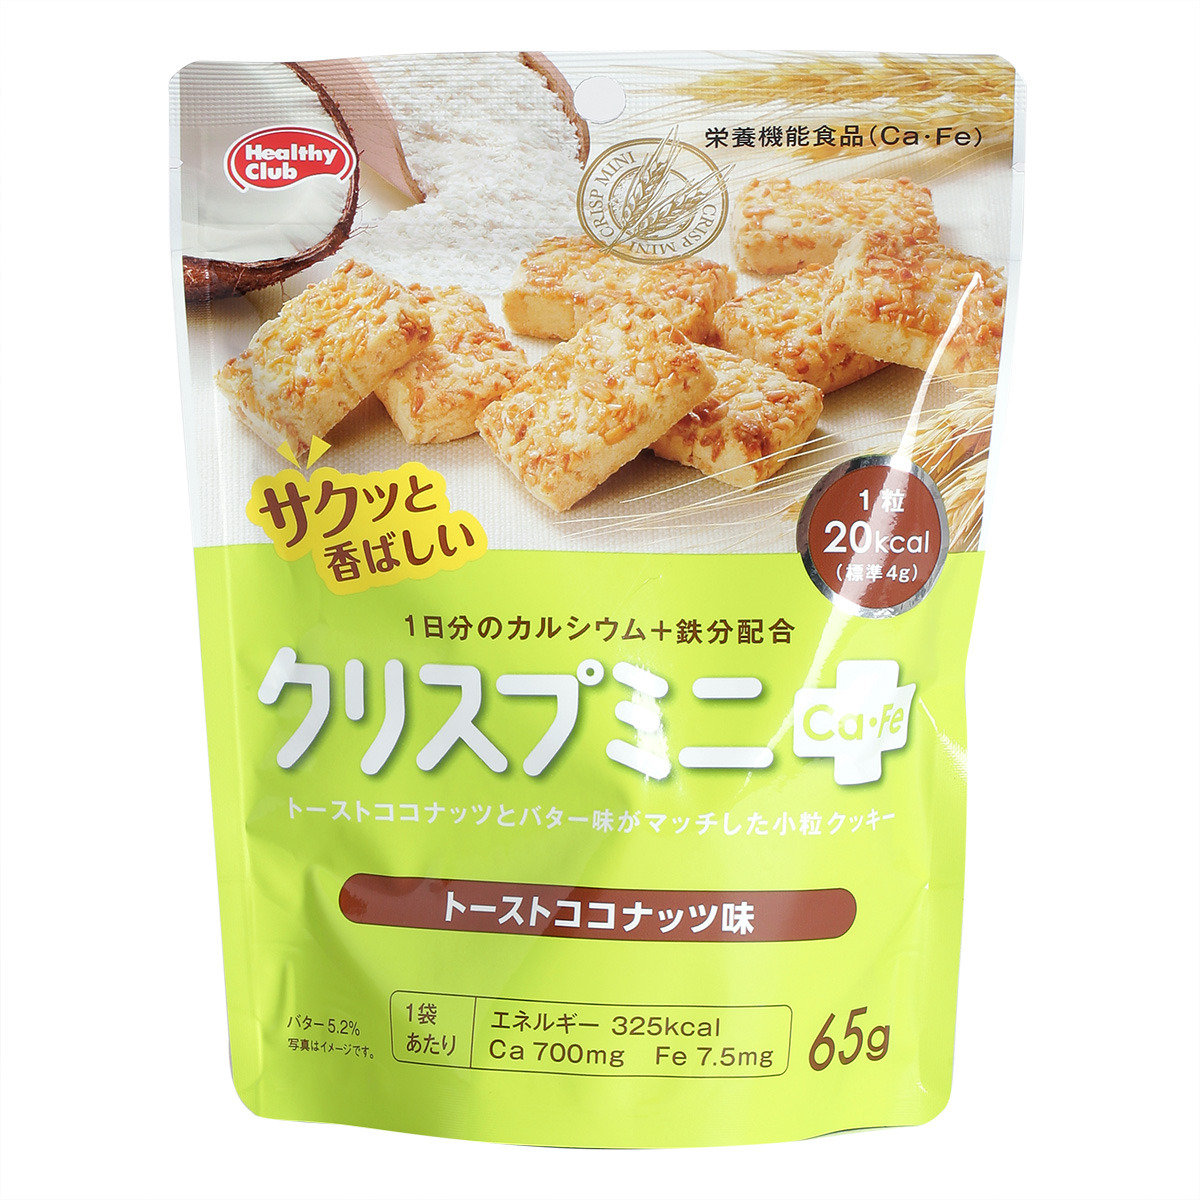 迷你營養餅易拉袋(椰子味)